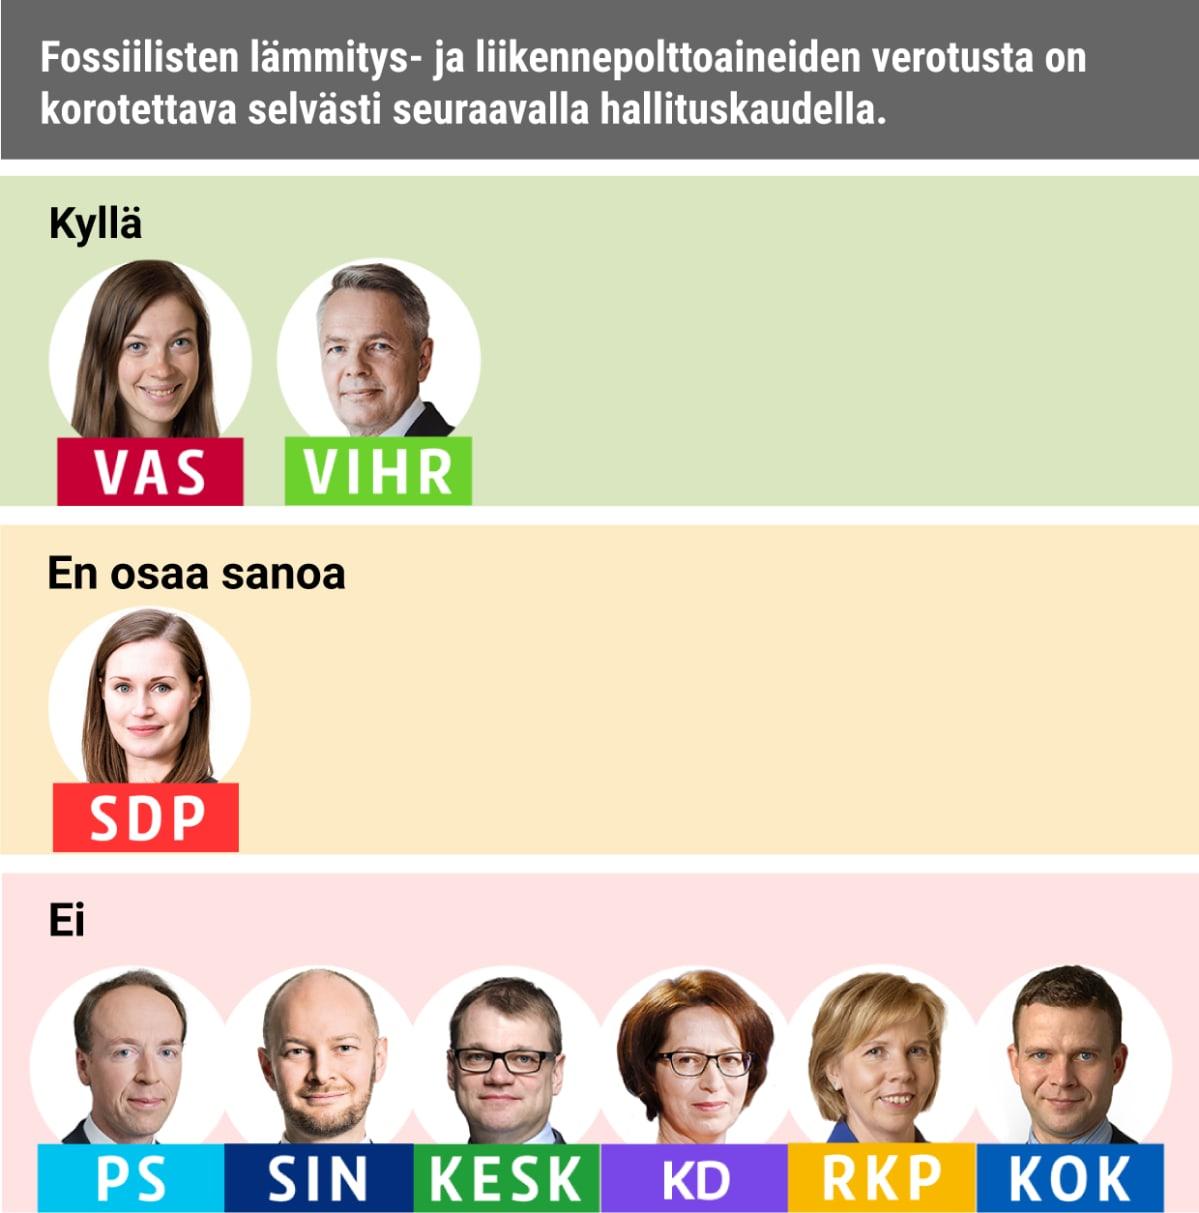 Fossiilisten lämmitys- ja liikennepolttoaineiden verotusta on korotettava selvästi seuraavalla hallituskaudella. Kyllä: Vasemmistoliitto, Vihreät Ei: PS, Siniset, Keskusta, KD, RKP, Kokoomus EOS: SDP